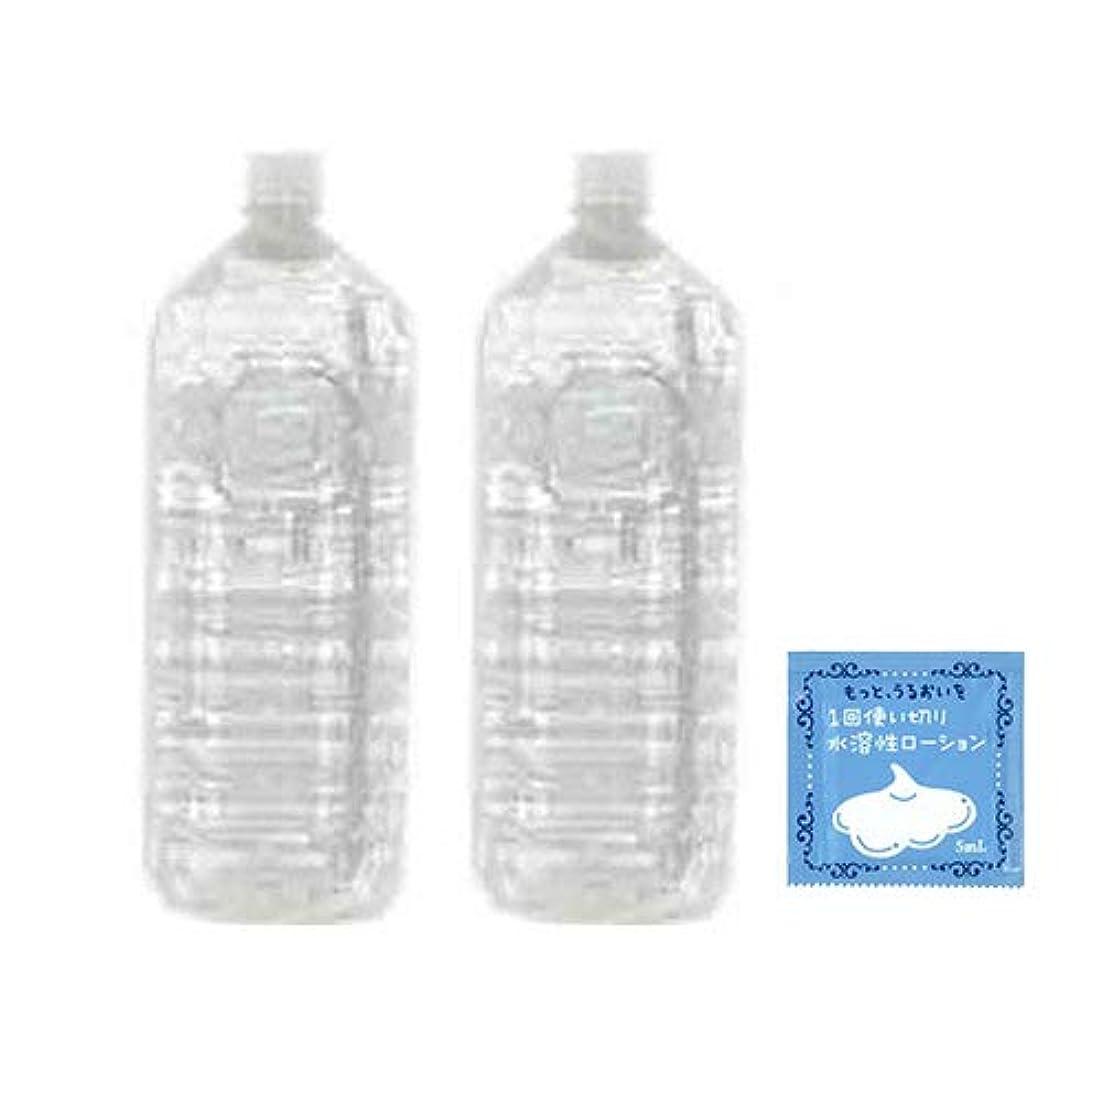 速報ミスペンドキャプチャークリアローション 2Lペットボトル ハードタイプ(5倍濃縮原液) × 2本セット + 1回使い切り水溶性潤滑ローション